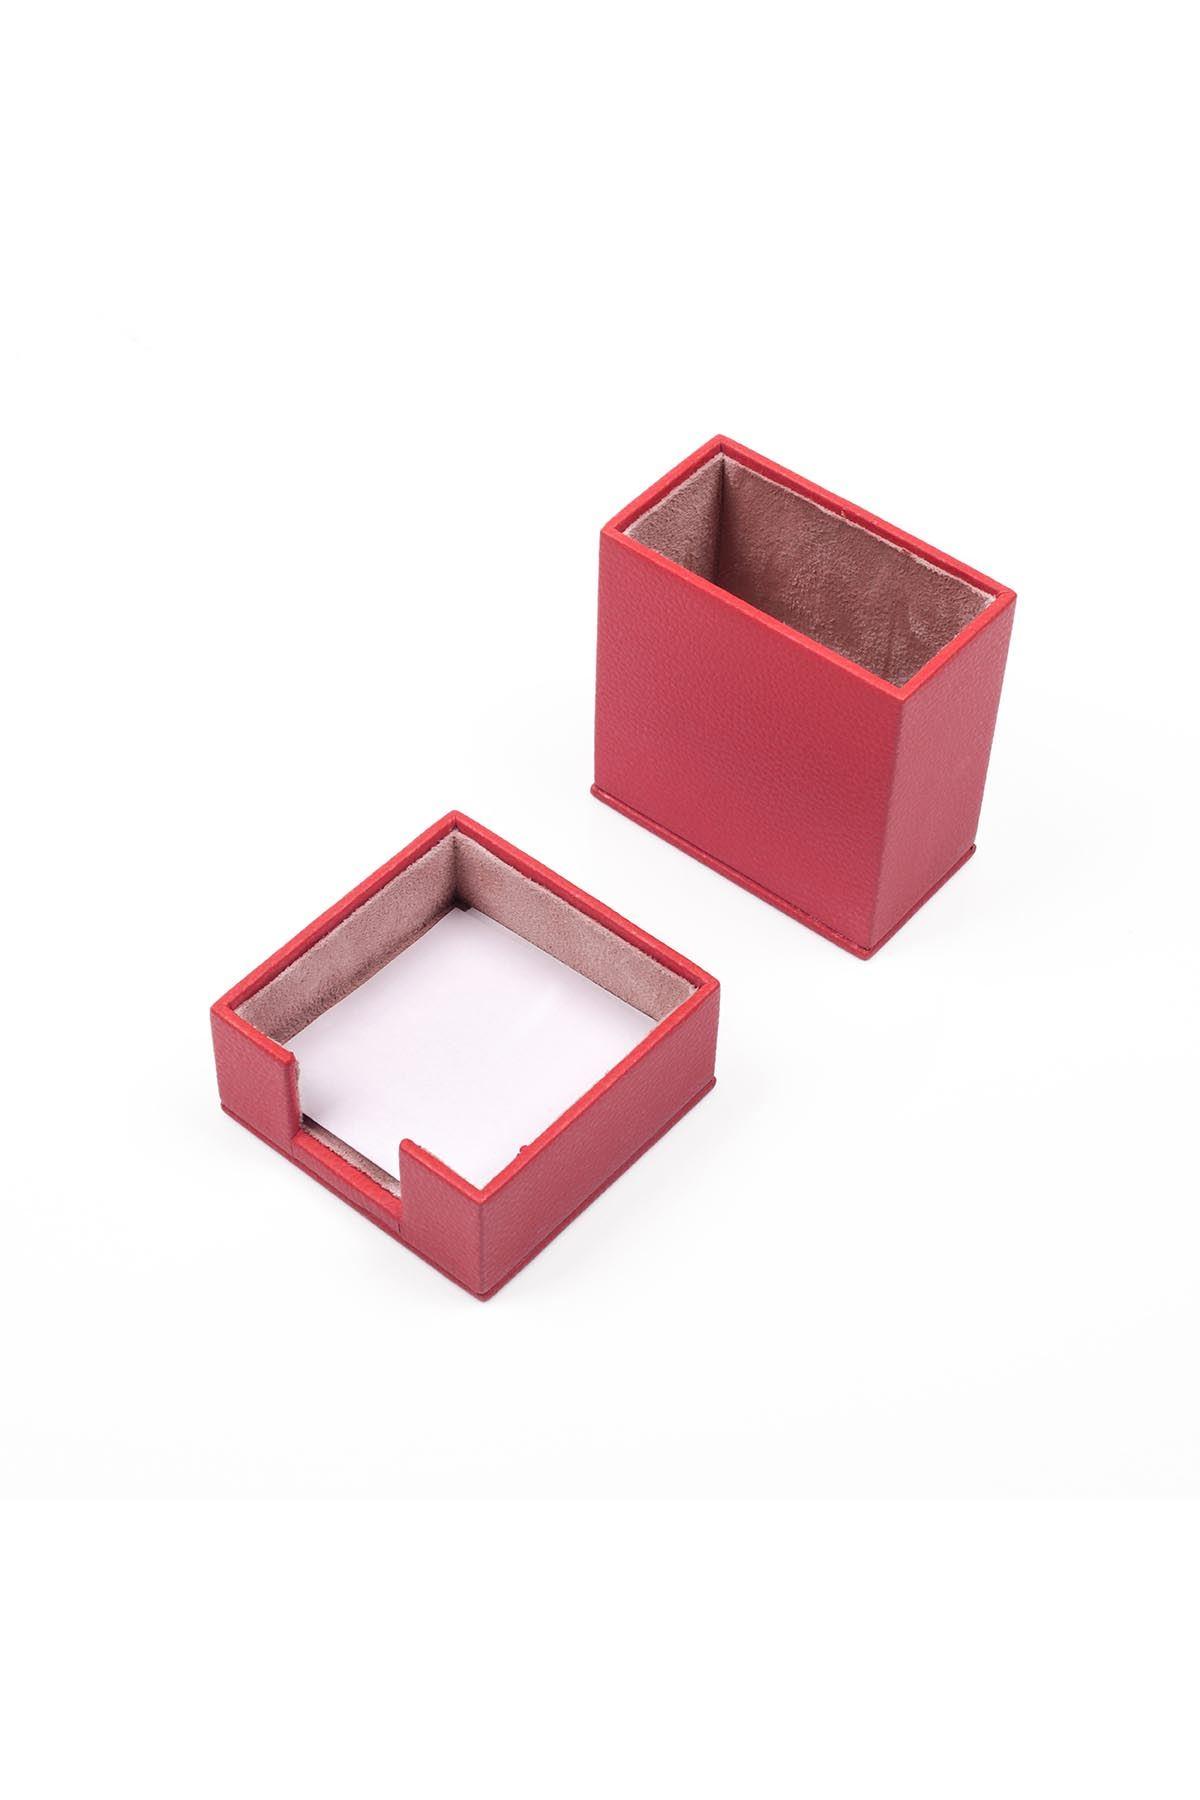 Deri 2 Parça Masa Üstü Seti Kırmızı Kalemlik ve Notluk